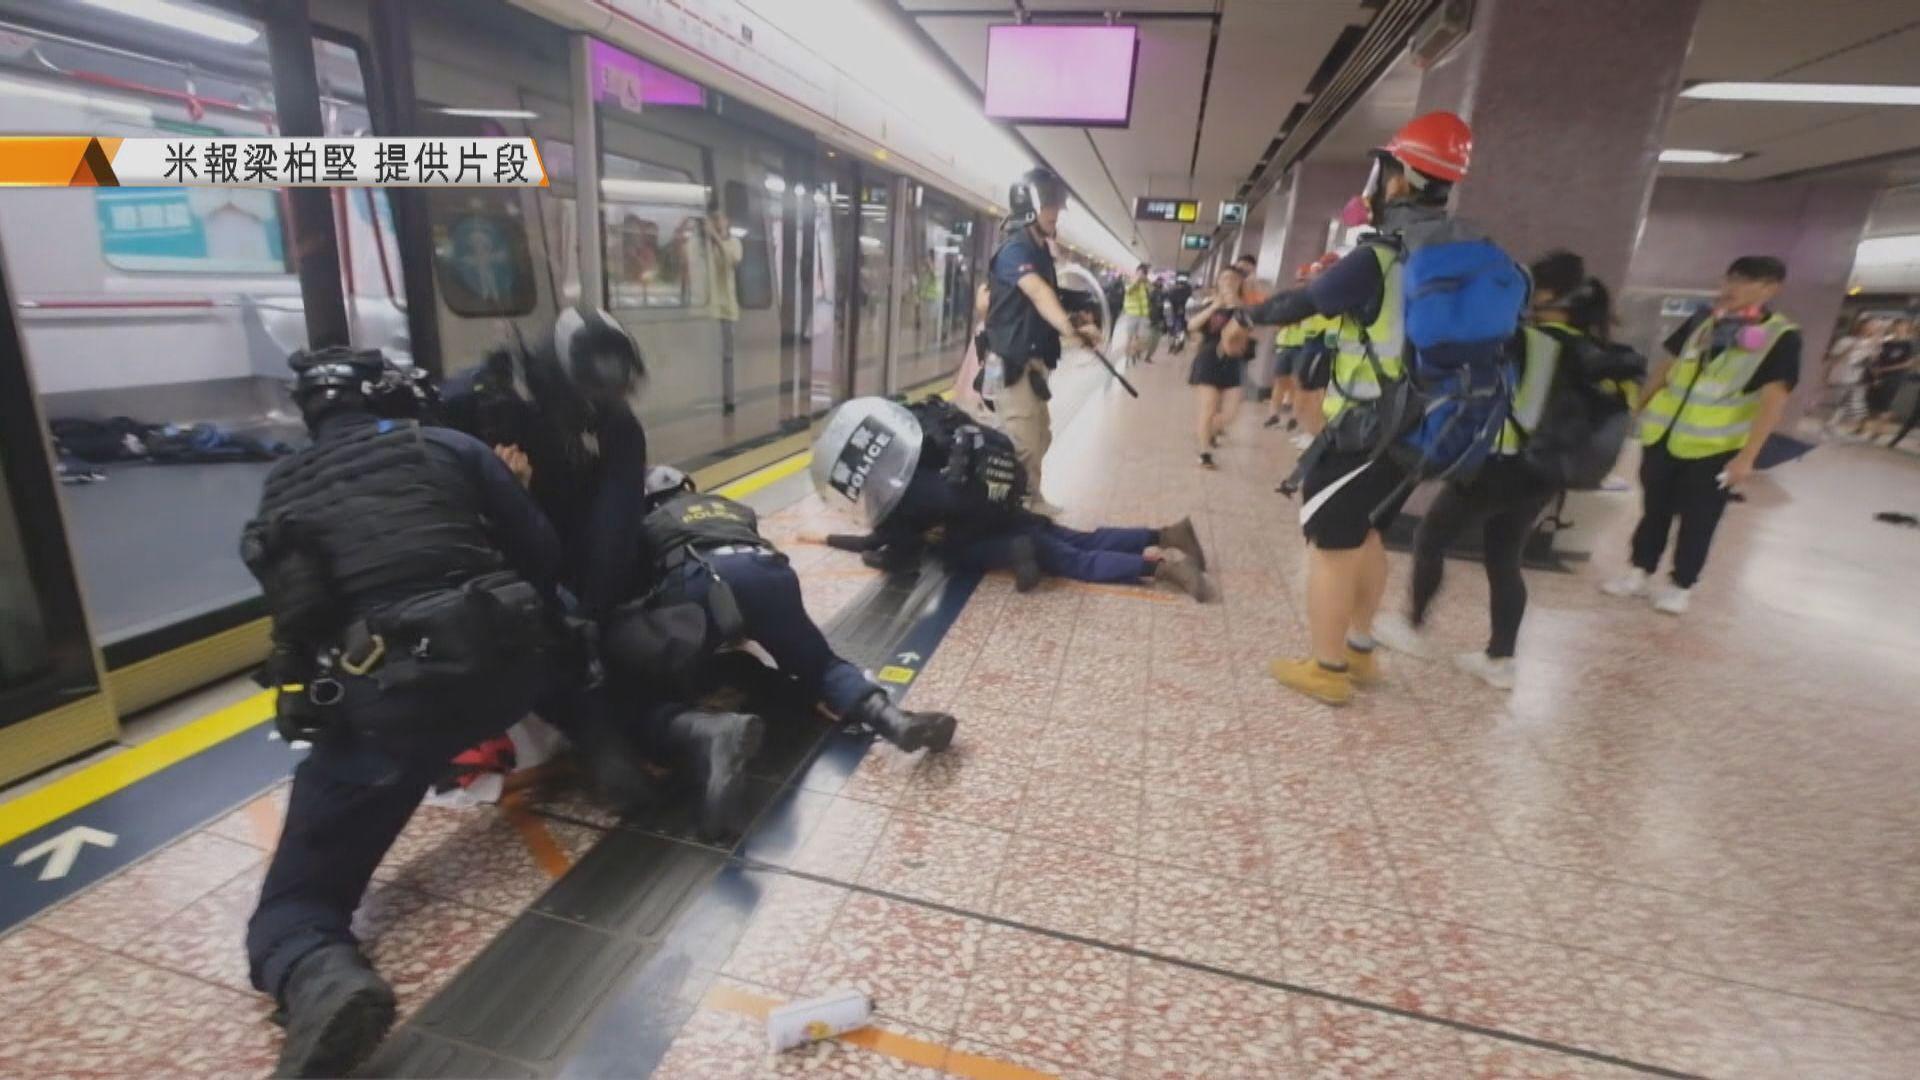 曾拍下831太子站內情況 梁柏堅憂警將隨意控告網媒